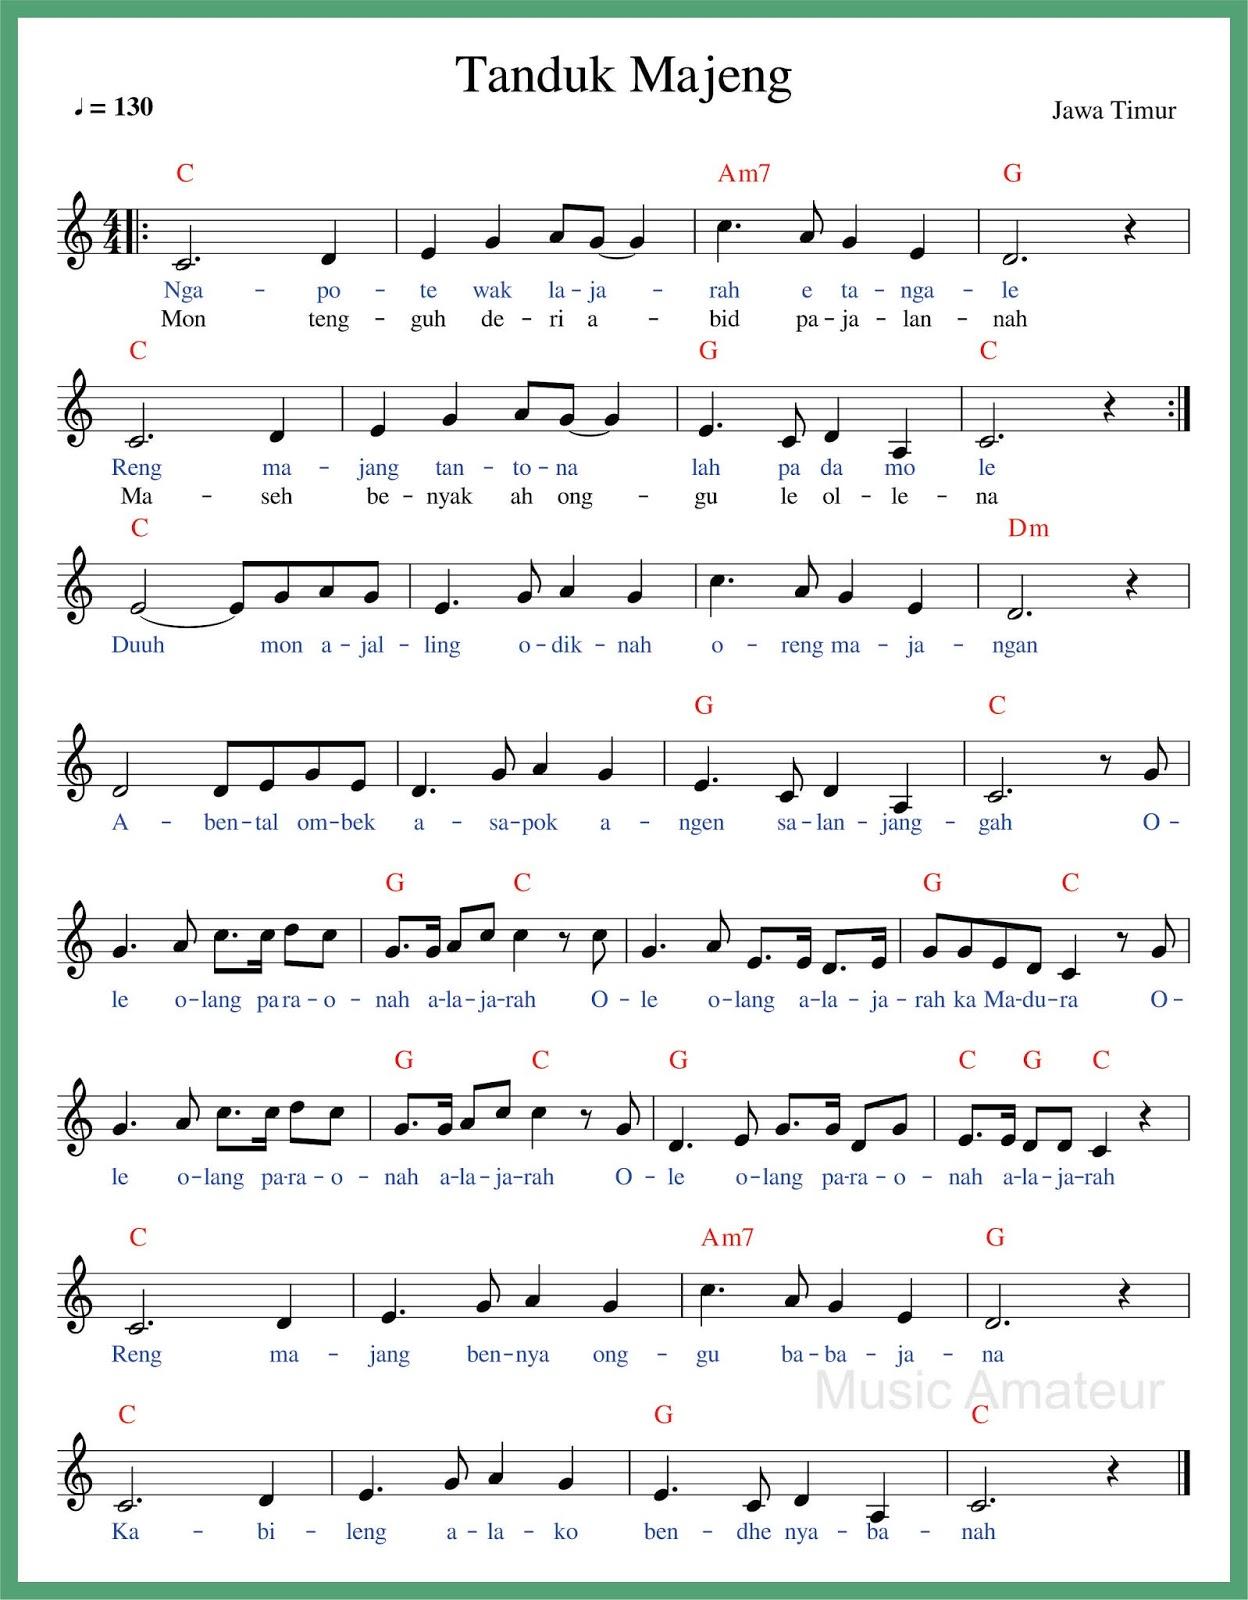 Lirik Lagu Tanduk Majeng : lirik, tanduk, majeng, Daerah, Timur, Tanduk, Majeng